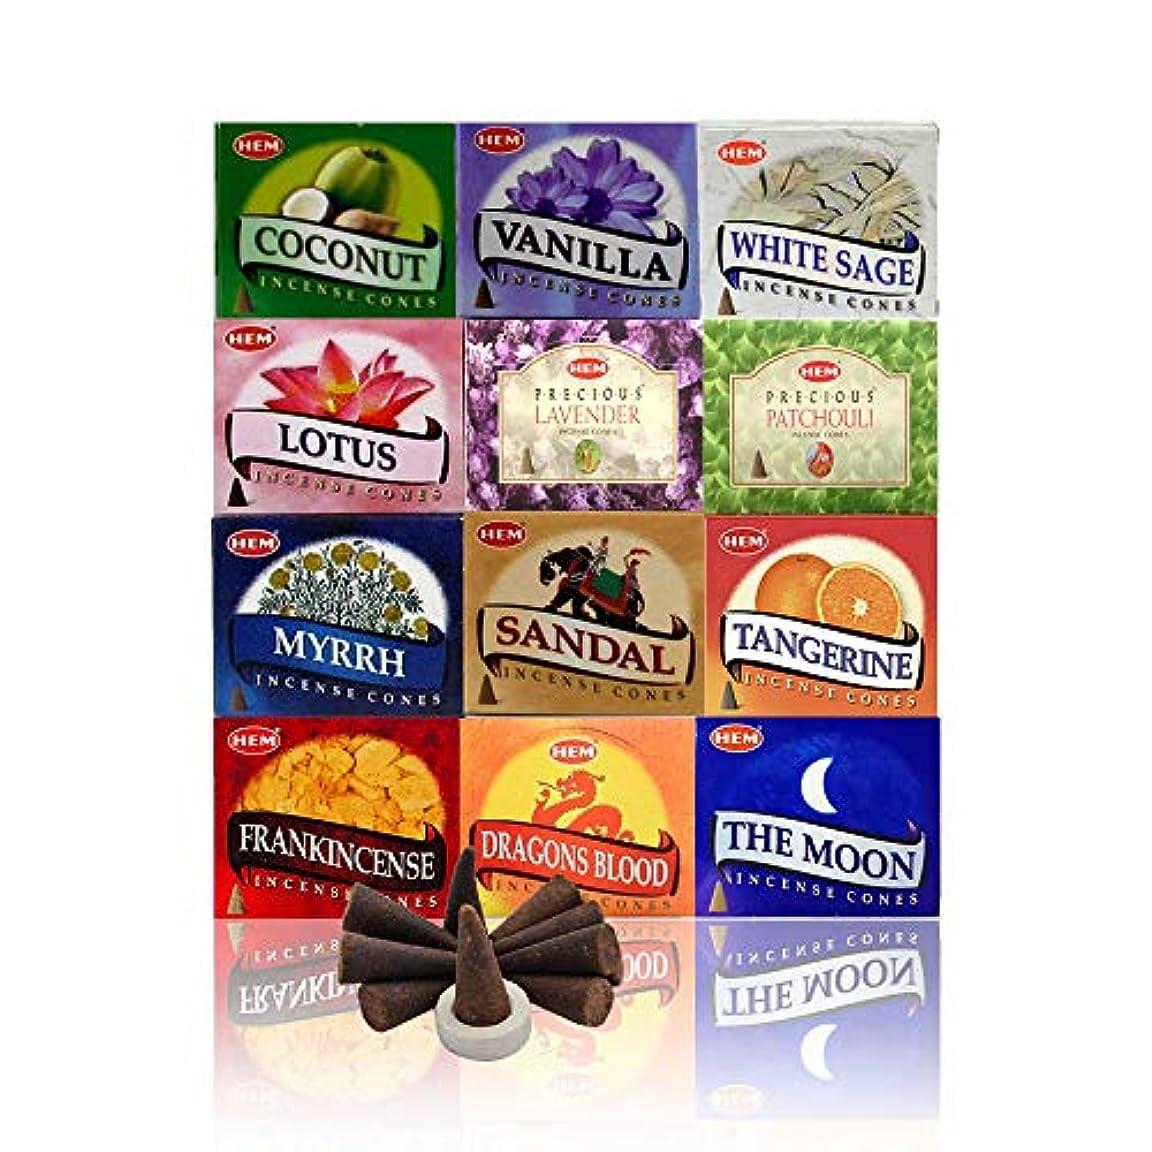 はがき開発する欠員12 Assorted Boxes of HEM Incense Cones, Best Sellers Set #2 12 X 10 (120 total) by Hem